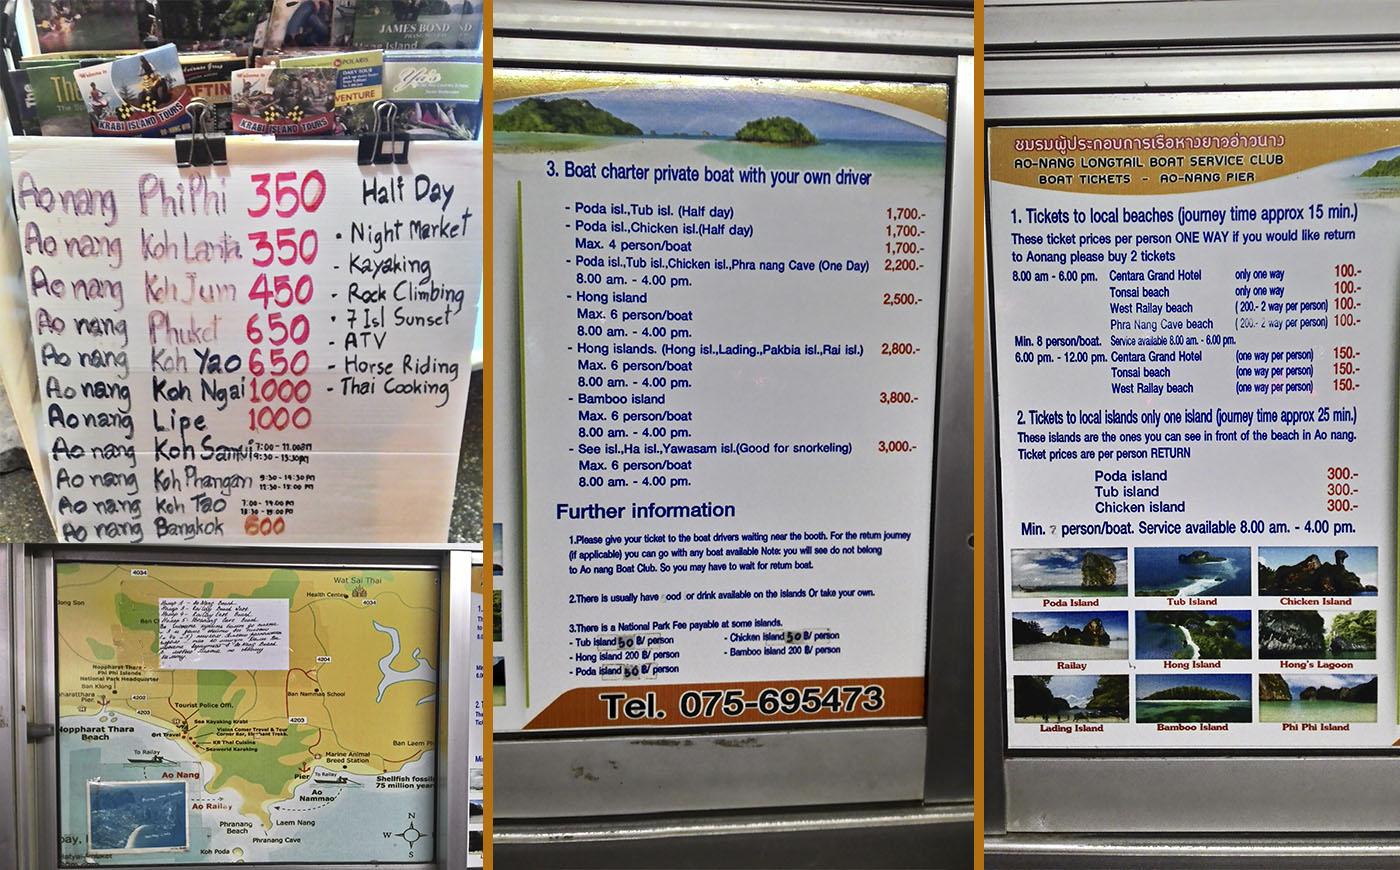 Фото 23. Сколько стоит билет на лодку до ближайших к Ао Нанг Бич острово и какова плата за вход в морской заповедник. Куда поехать самостоятельно во время отдыха на Краби. Отчет о путешествии по Таиланду дикарями